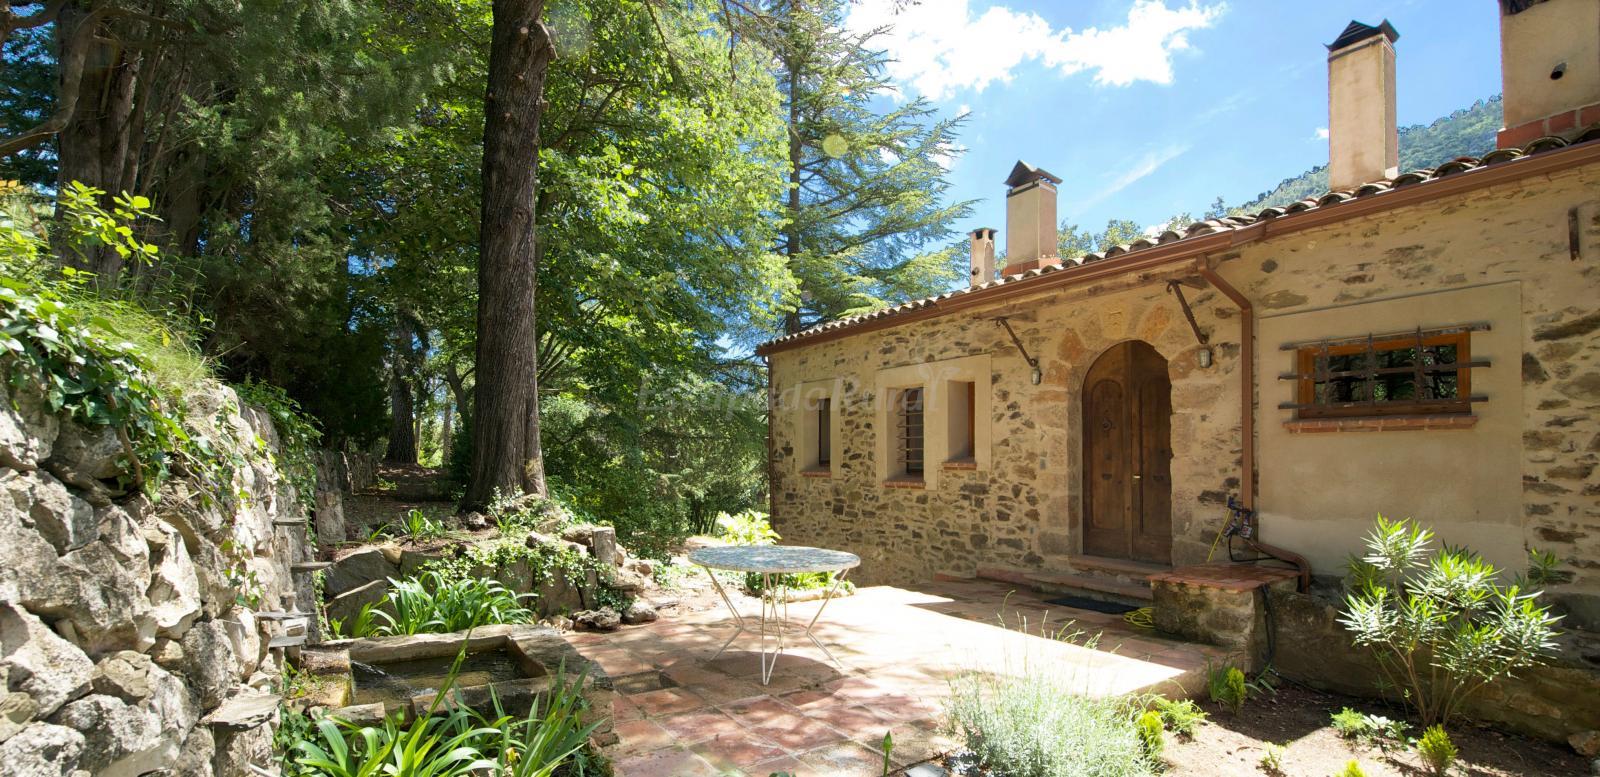 Fotos de mas corbella casa rural en alcover tarragona for Casa rural tarragona